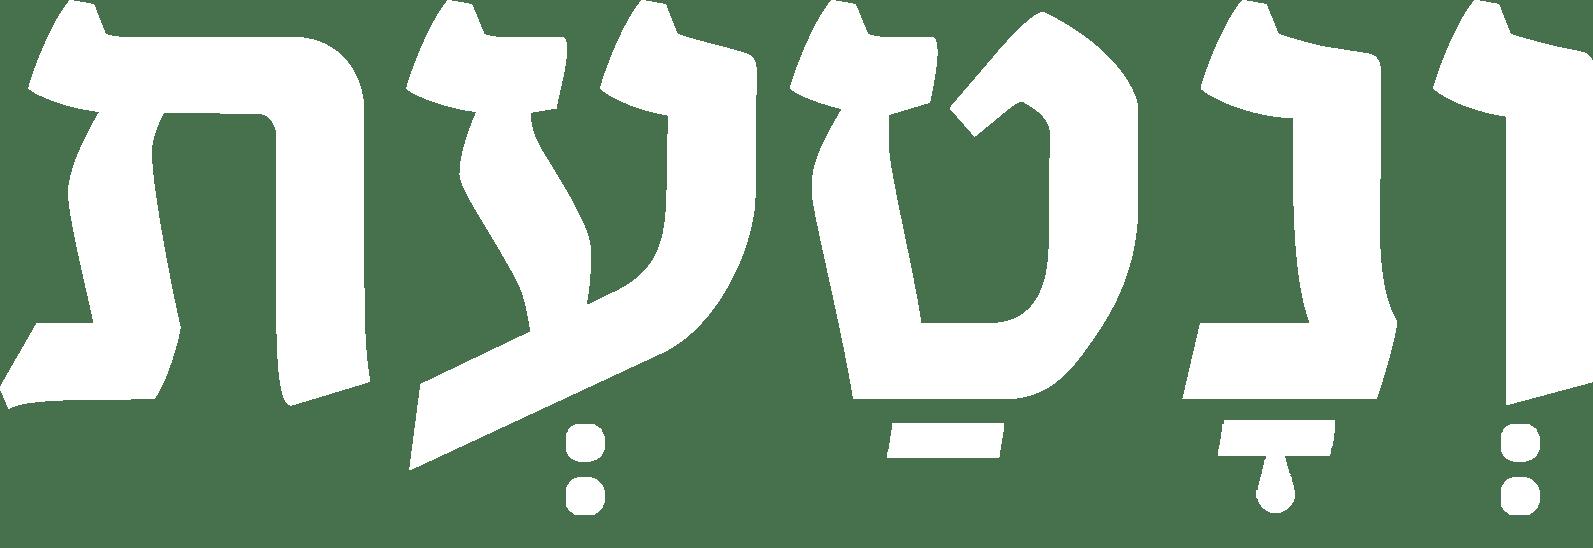 venatata-logo-white